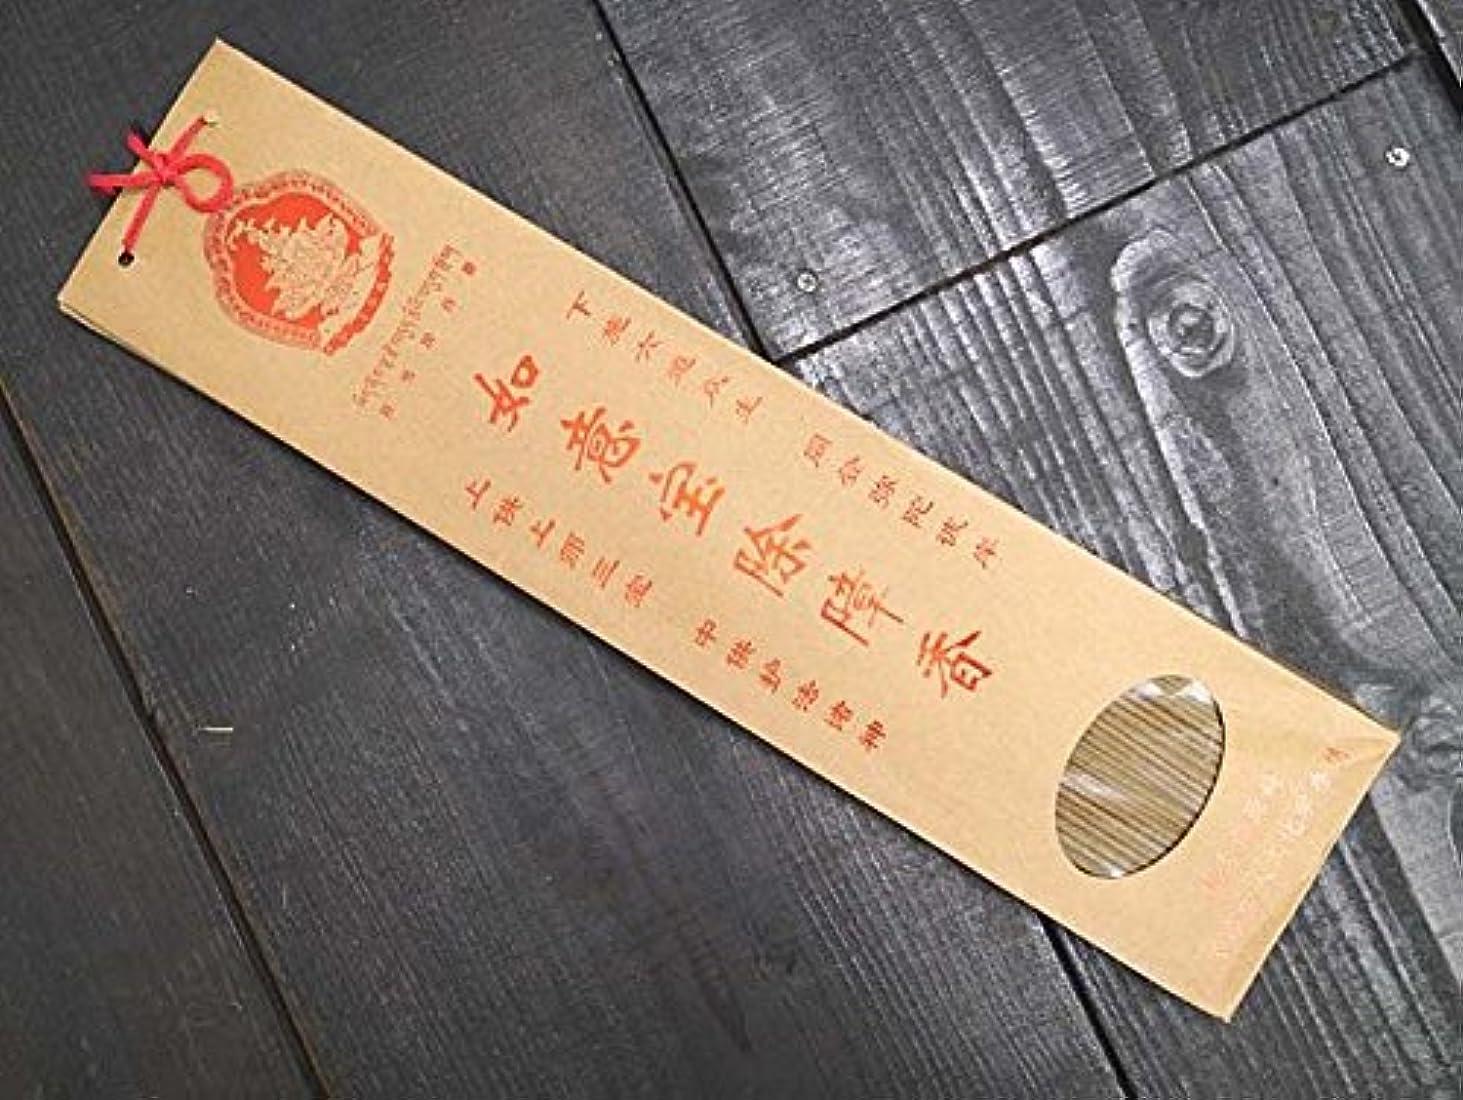 文字誰も空の如意宝 中国湖北省武漢市で作られる除障香【如意宝除障香】